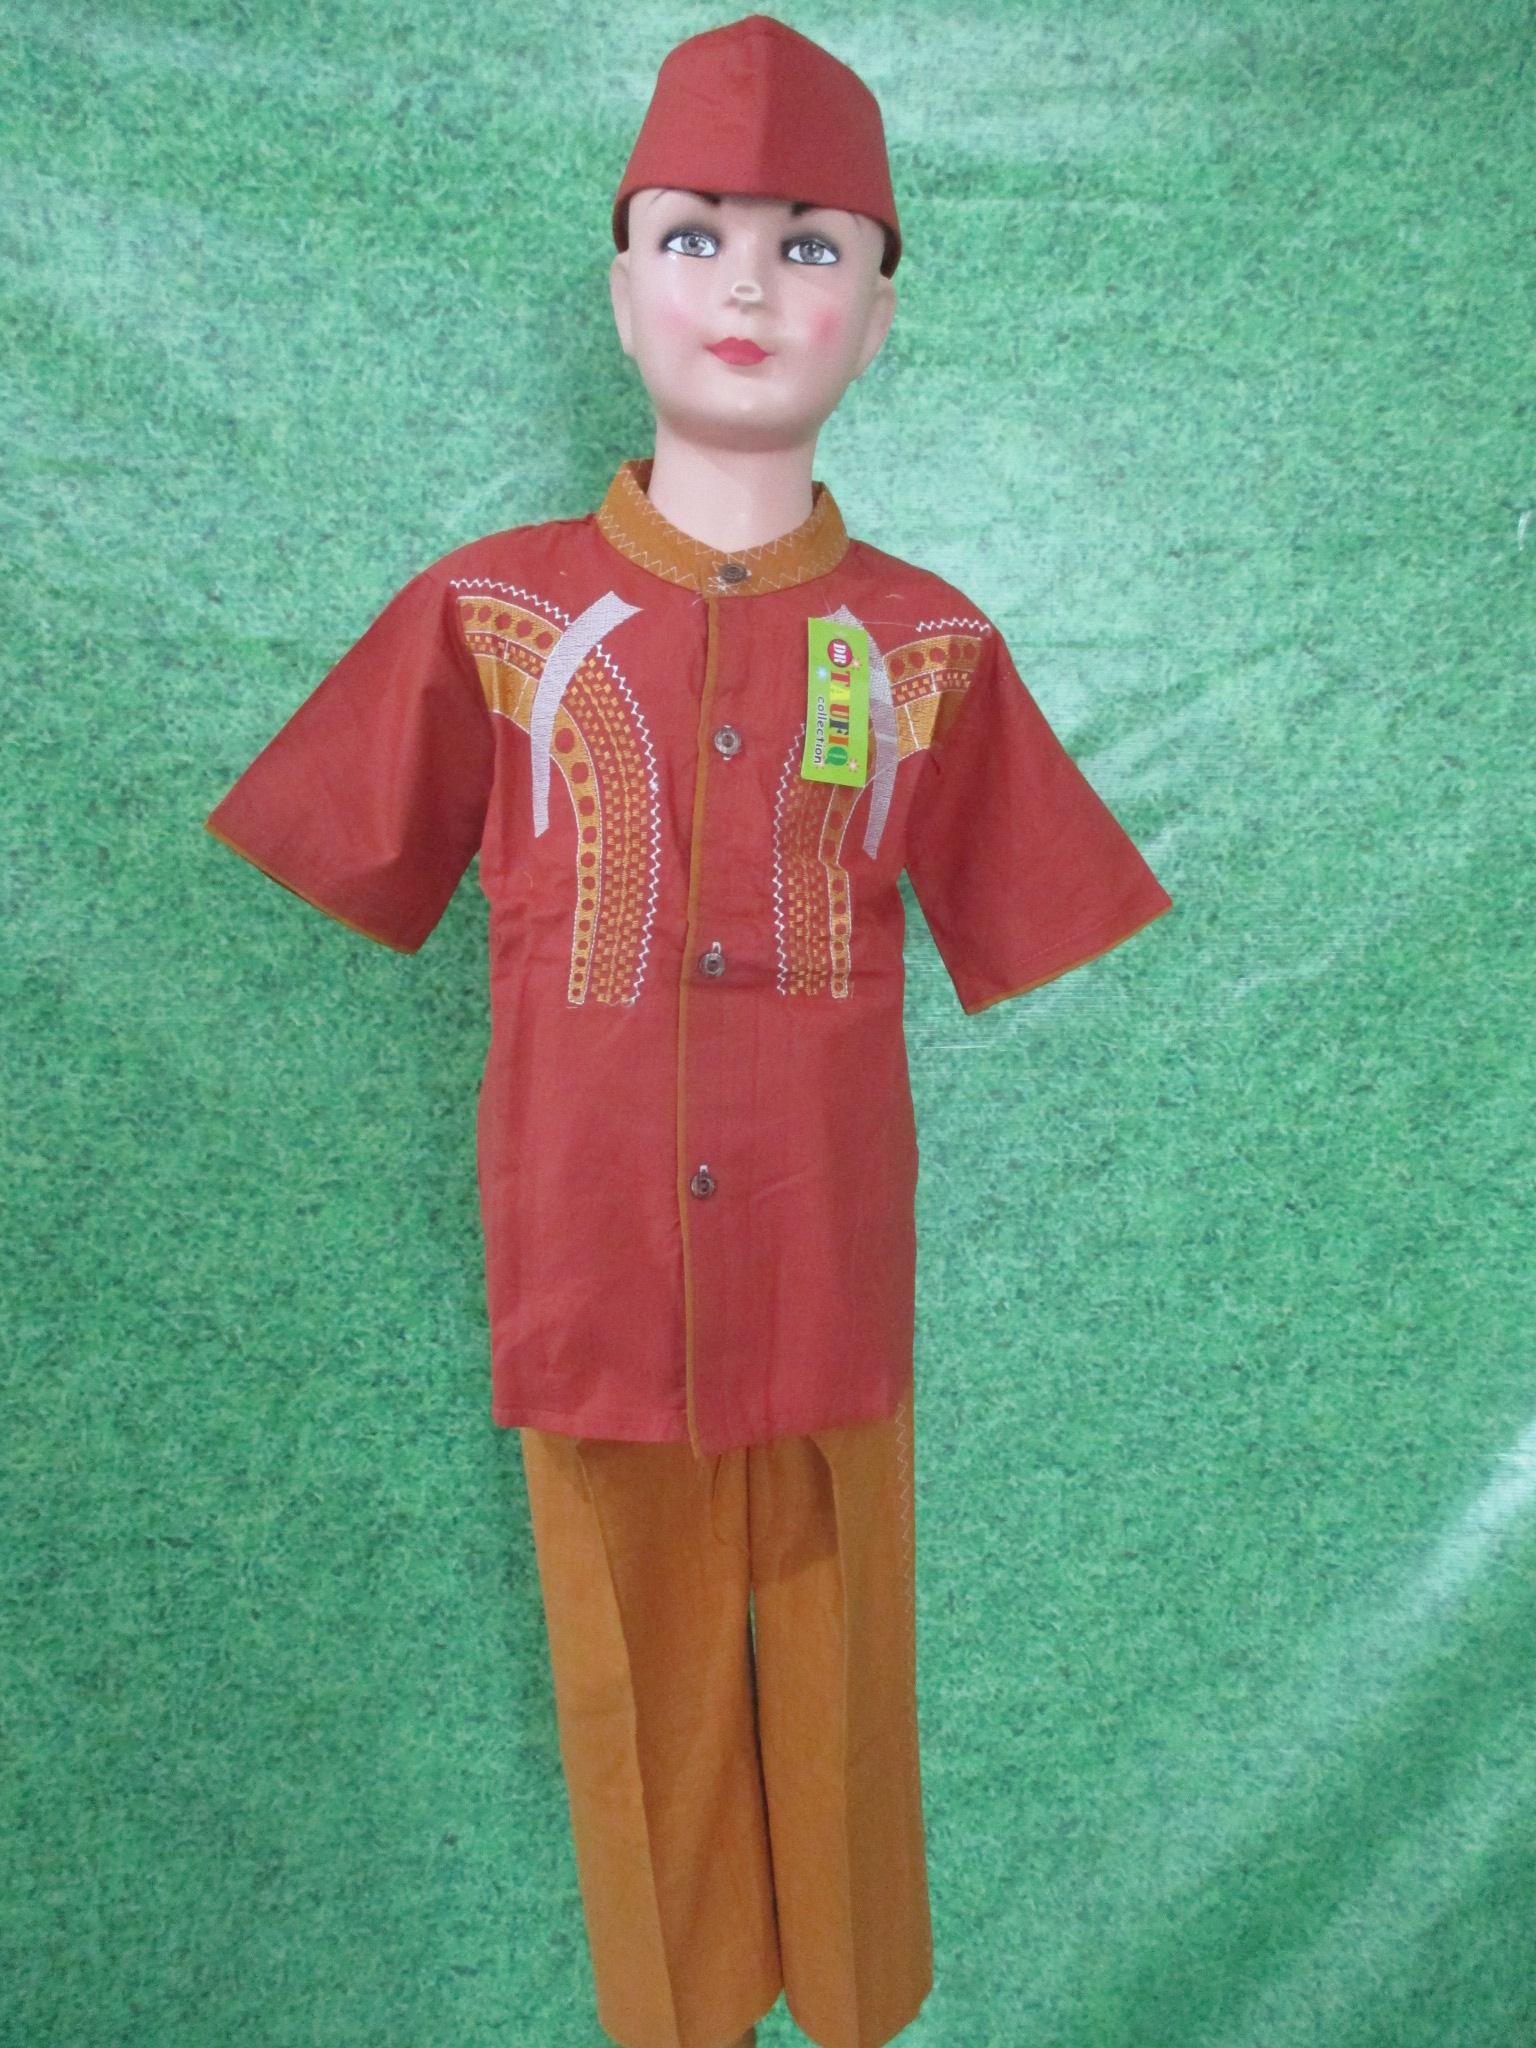 ObralanBaju.com Obral Baju Pakaian Murah Meriah 5000 Koko Taufiq Kanvas